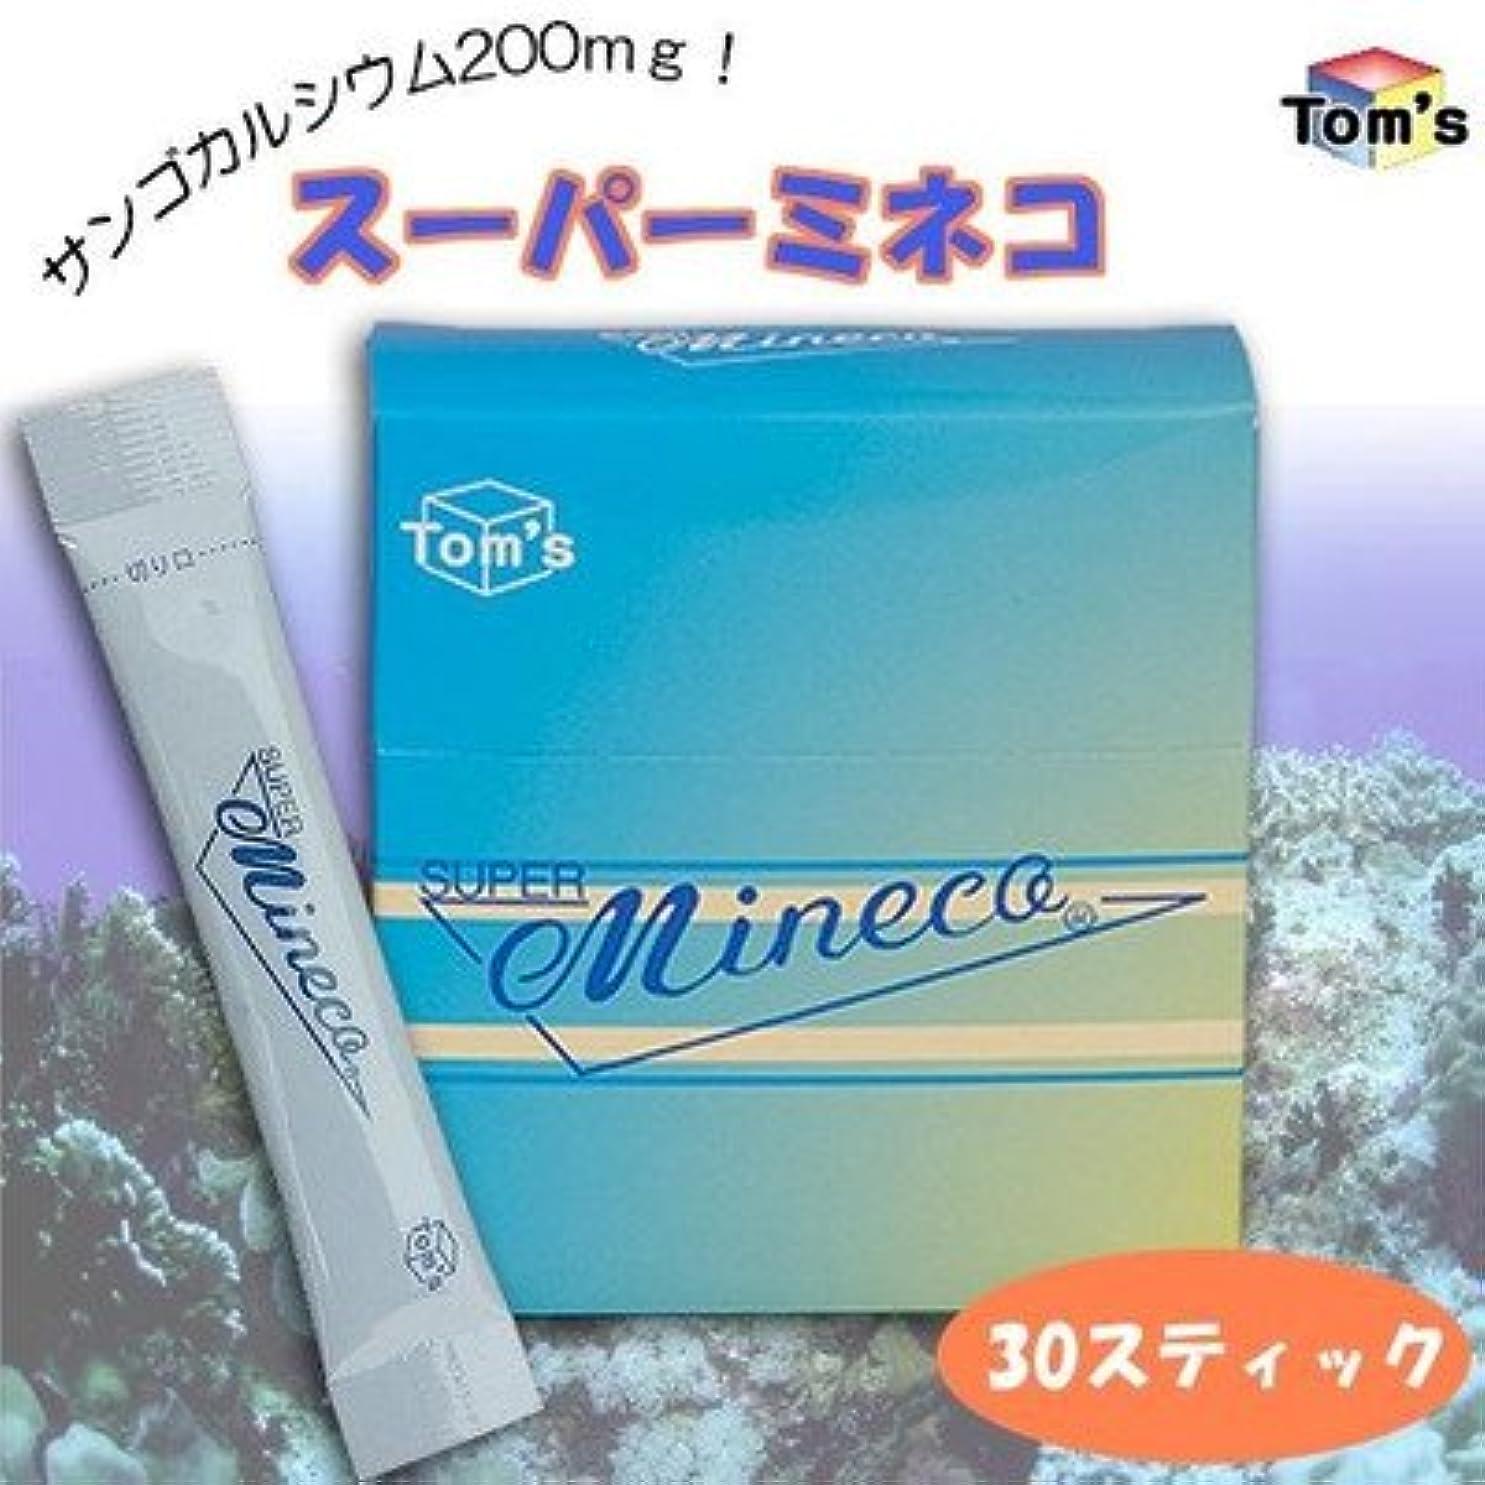 口スペクトラムアピールサンゴカルシウム200mg スーパーミネコ 1箱 (30スティック入)